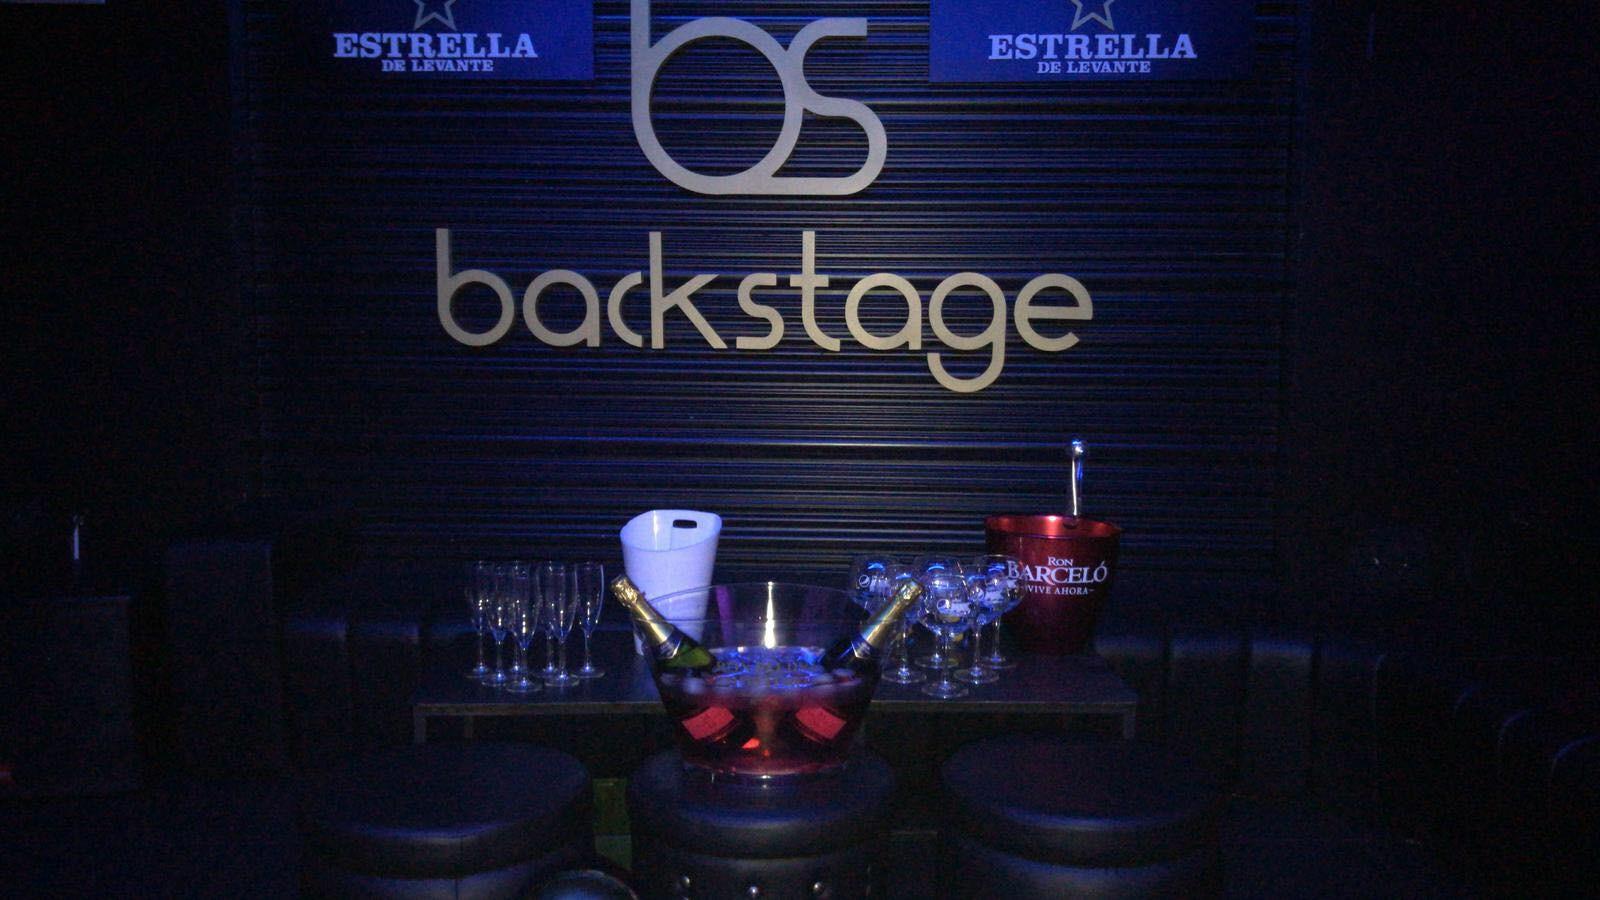 bs-fiesta-77eaf8091a1e9b91be497f7be496ad